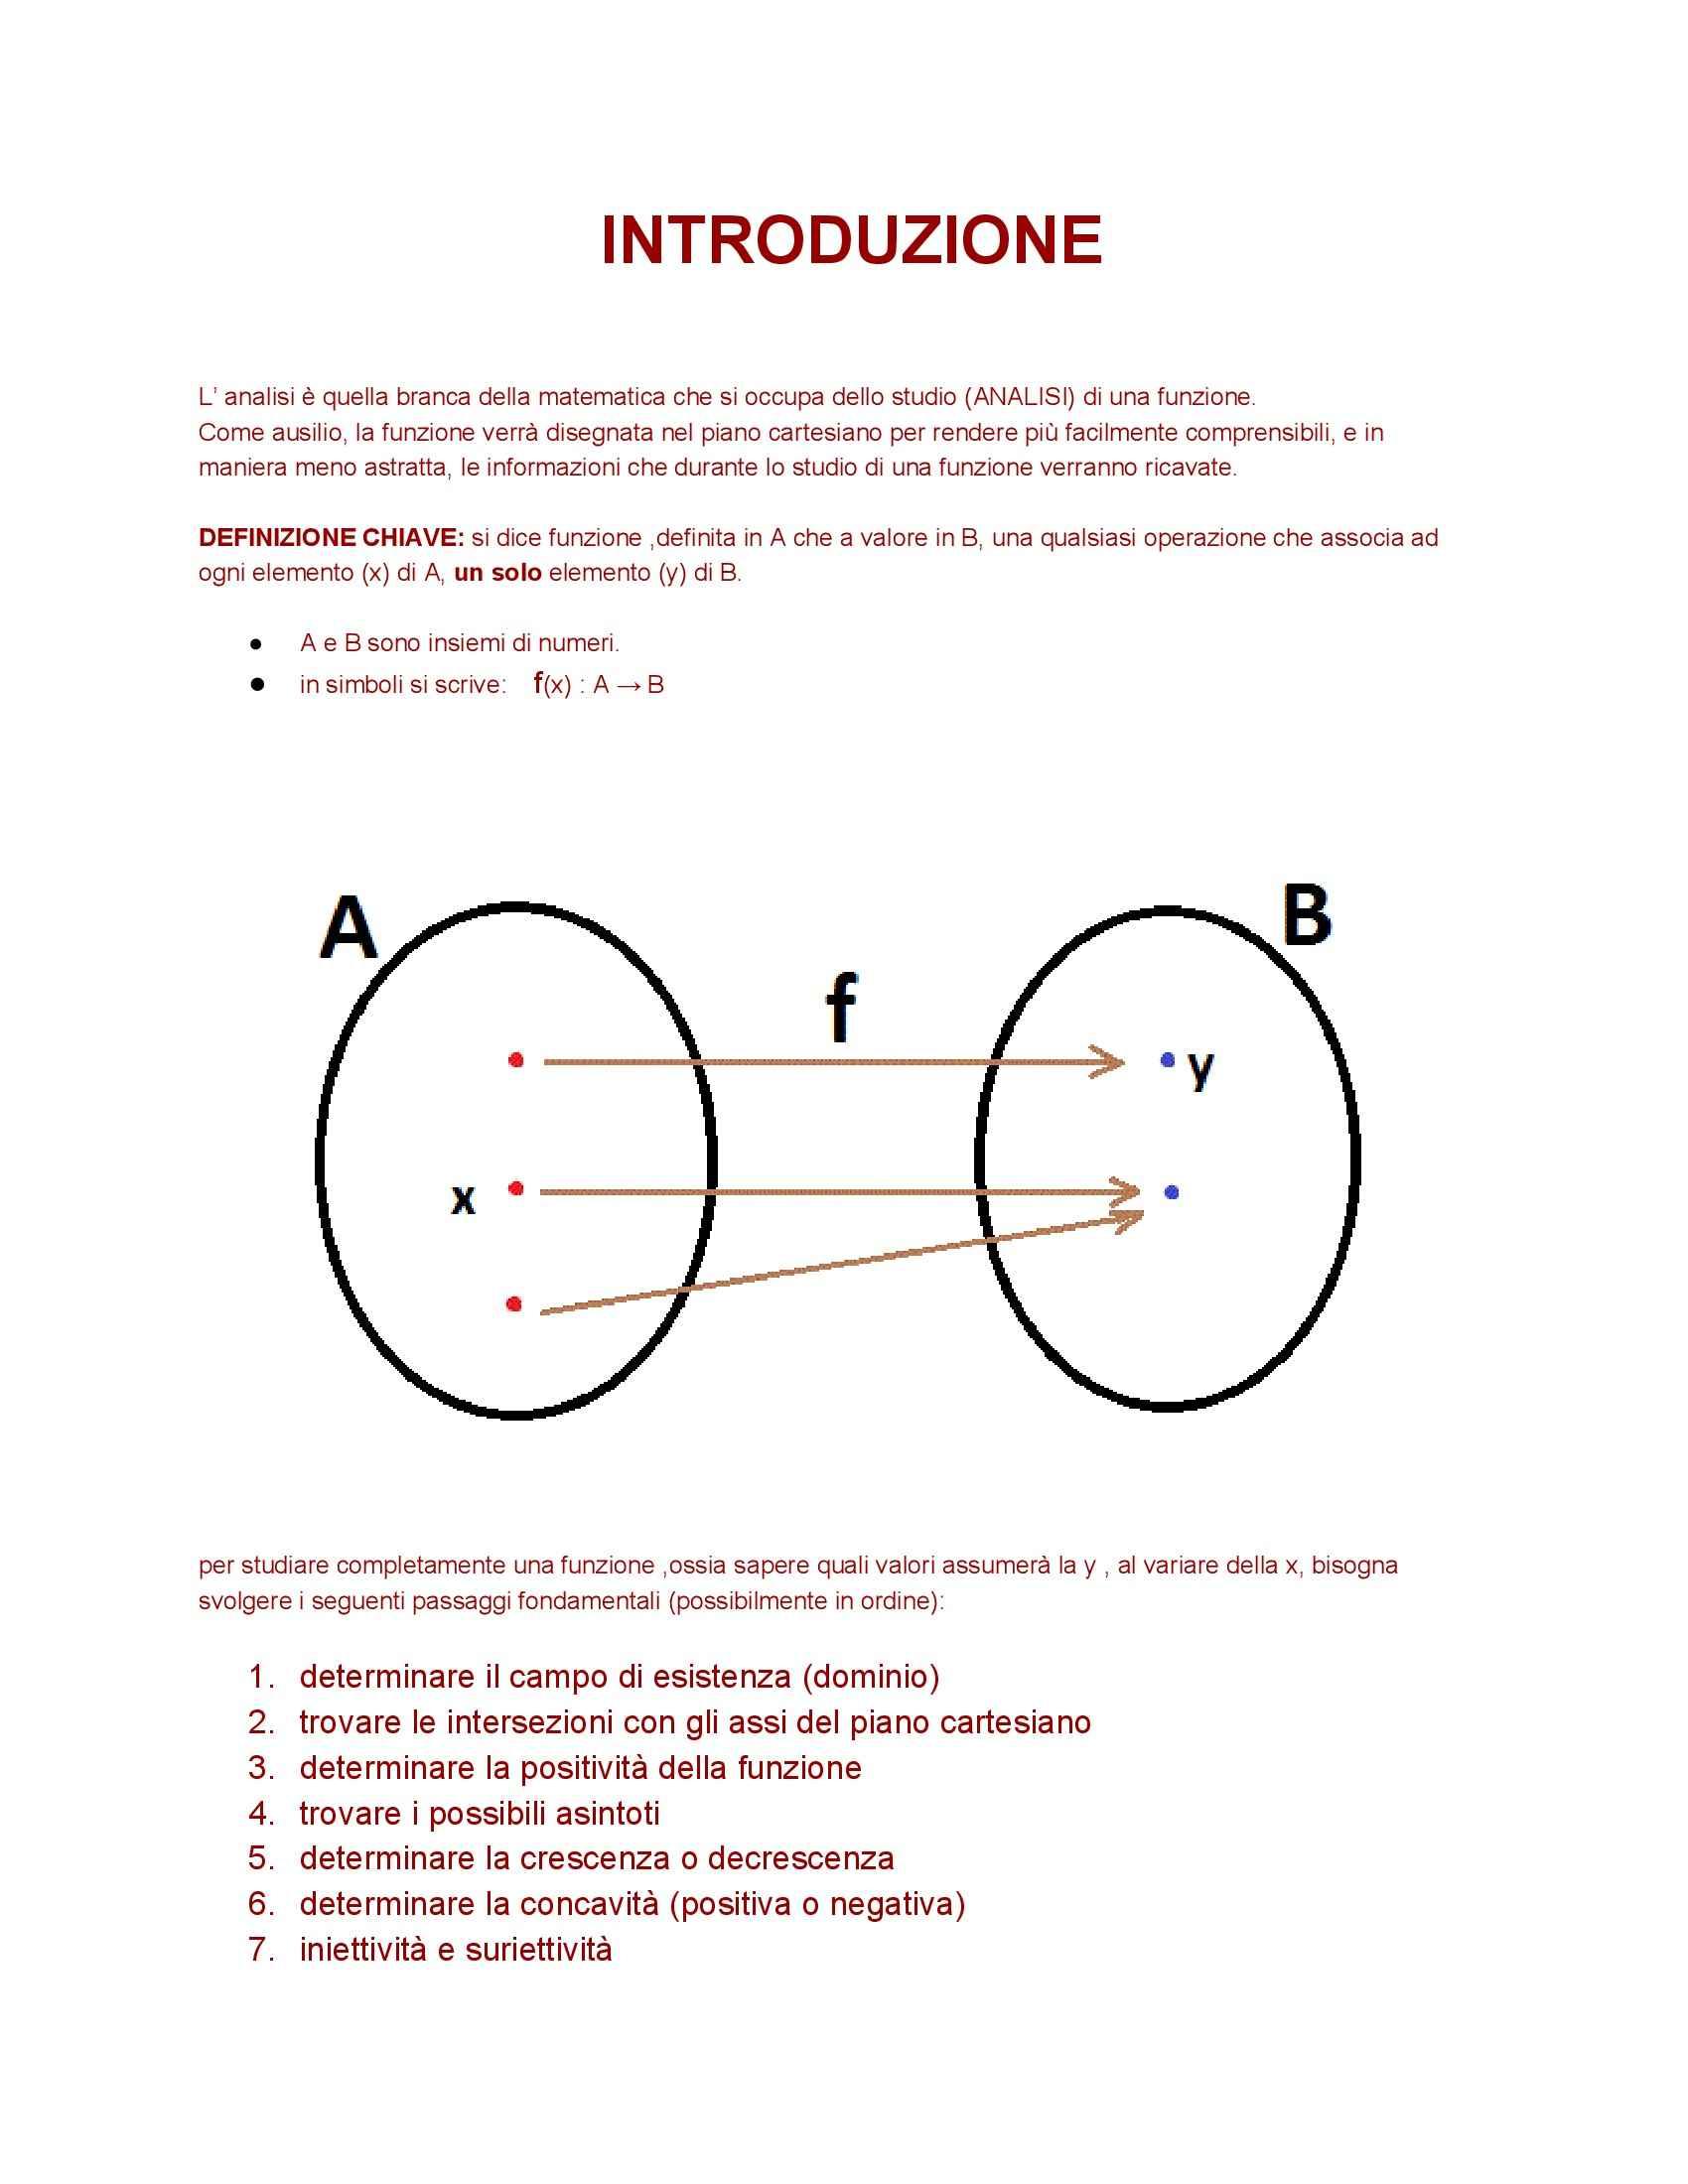 Riassunto esame Analisi Matematica I: Studio di Funzione Generale, prof. Boccuto